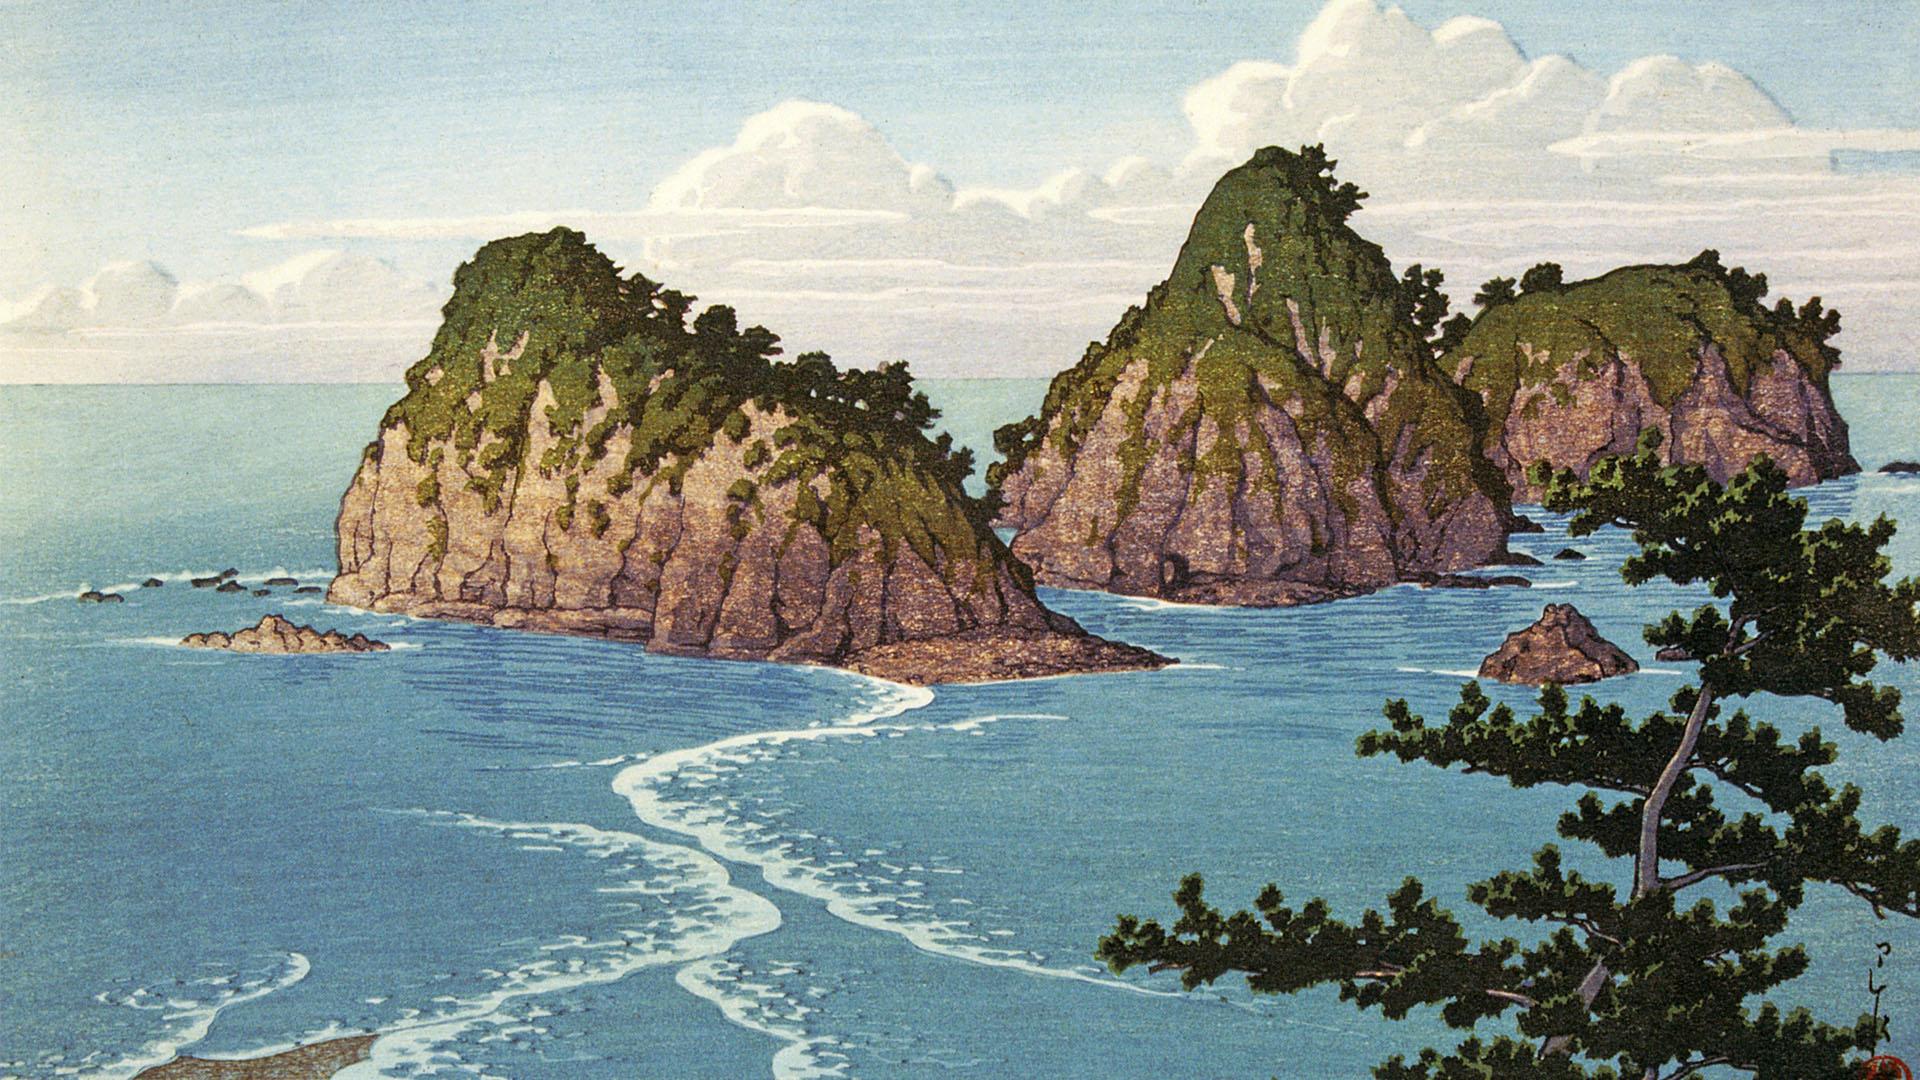 Kawase Hasui - Izu dougashima 1920x1080